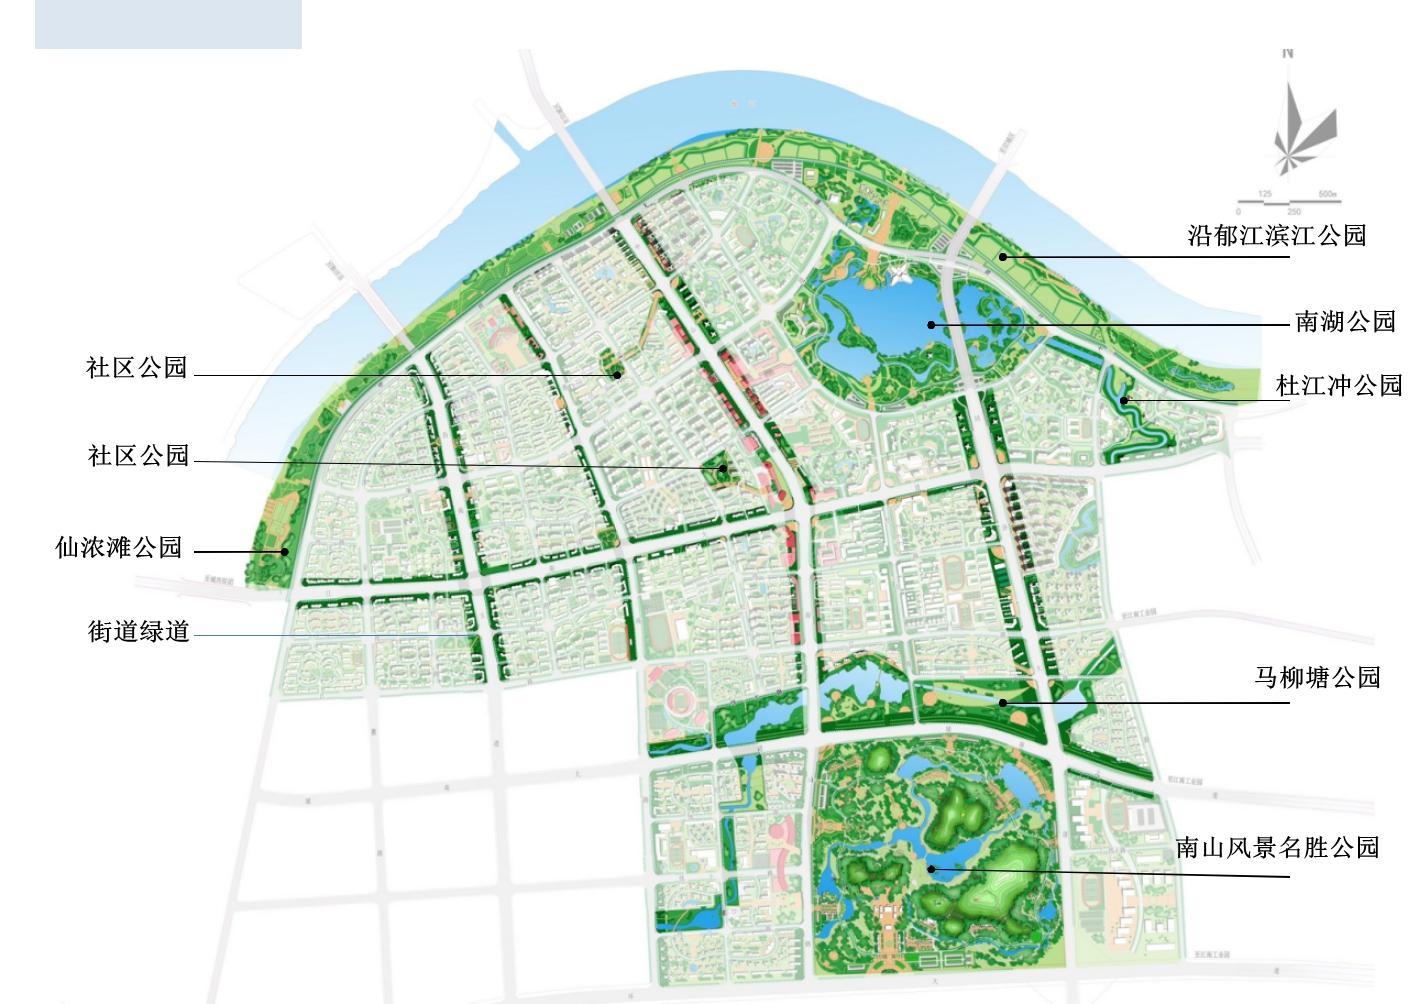 港南区公园规划示意图